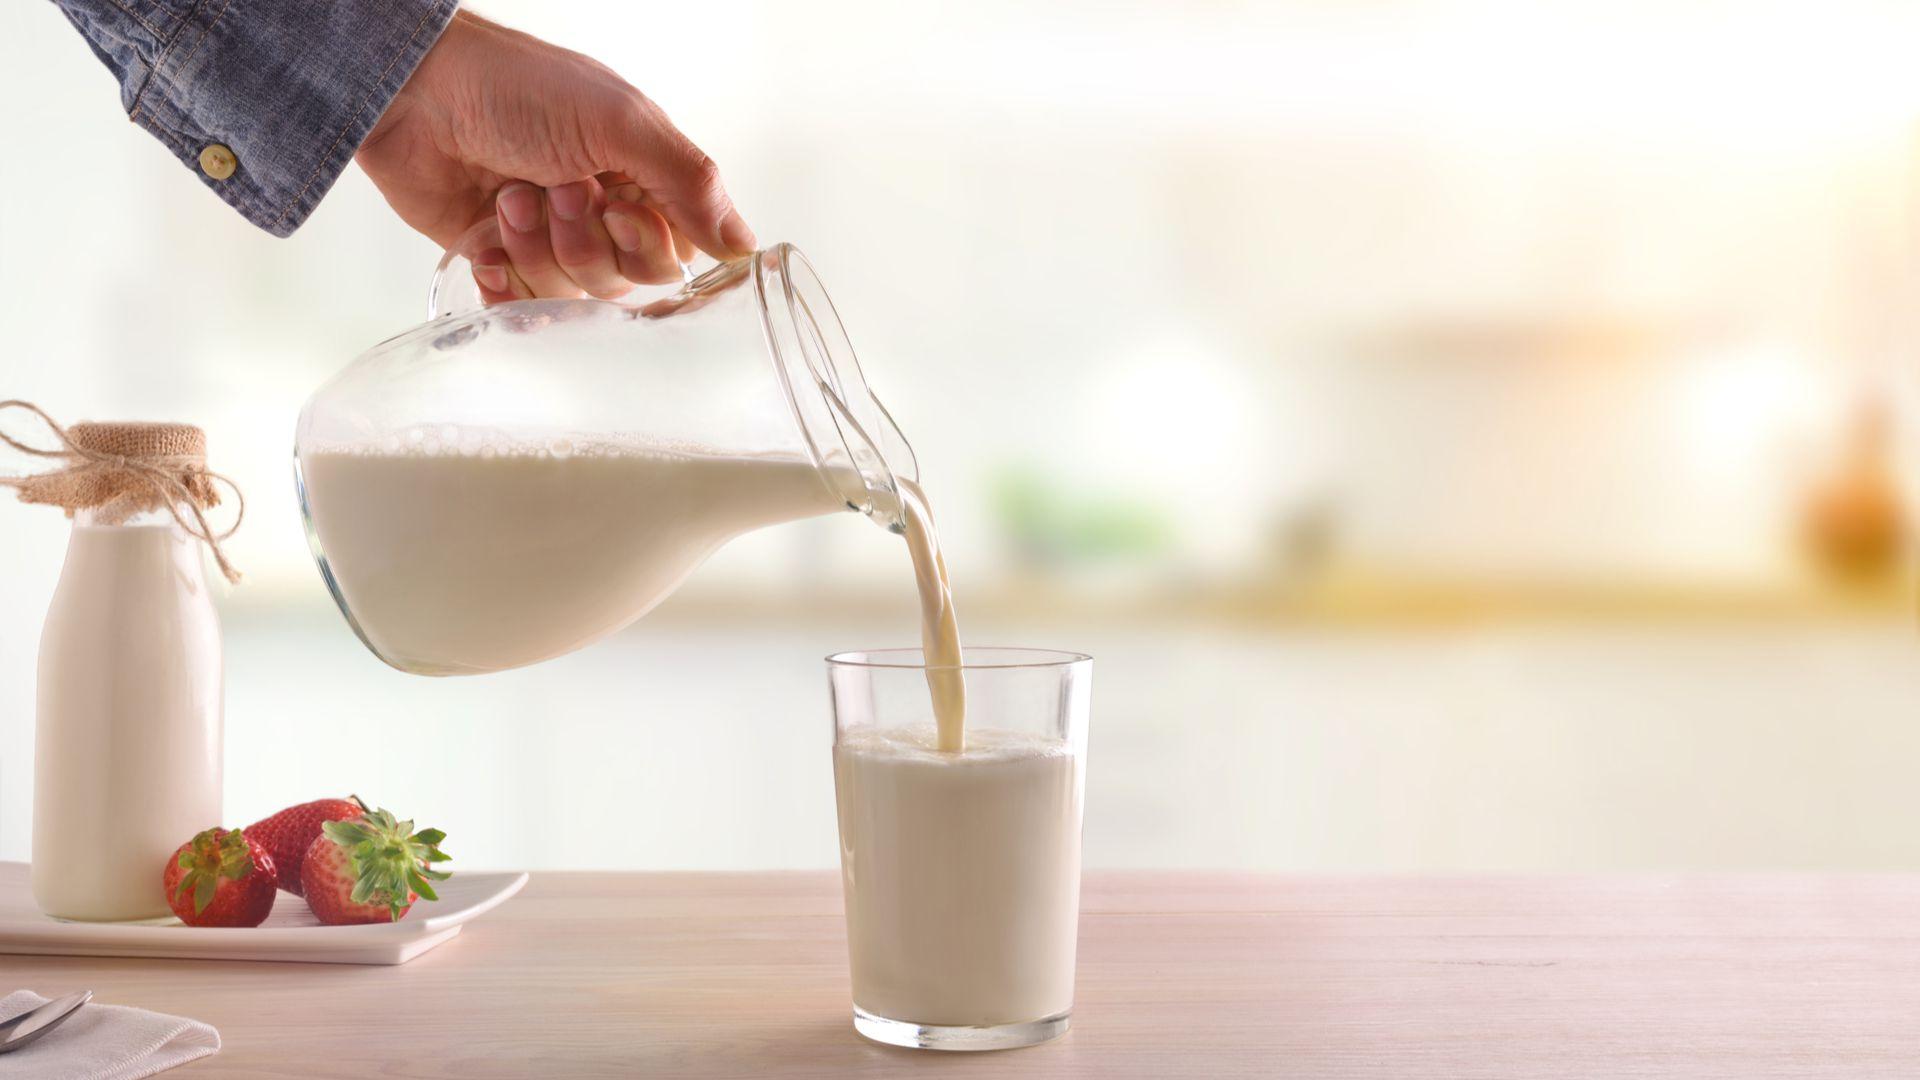 La leche resulta un producto esencial en la mesa de los argentinos (Shutterstock)